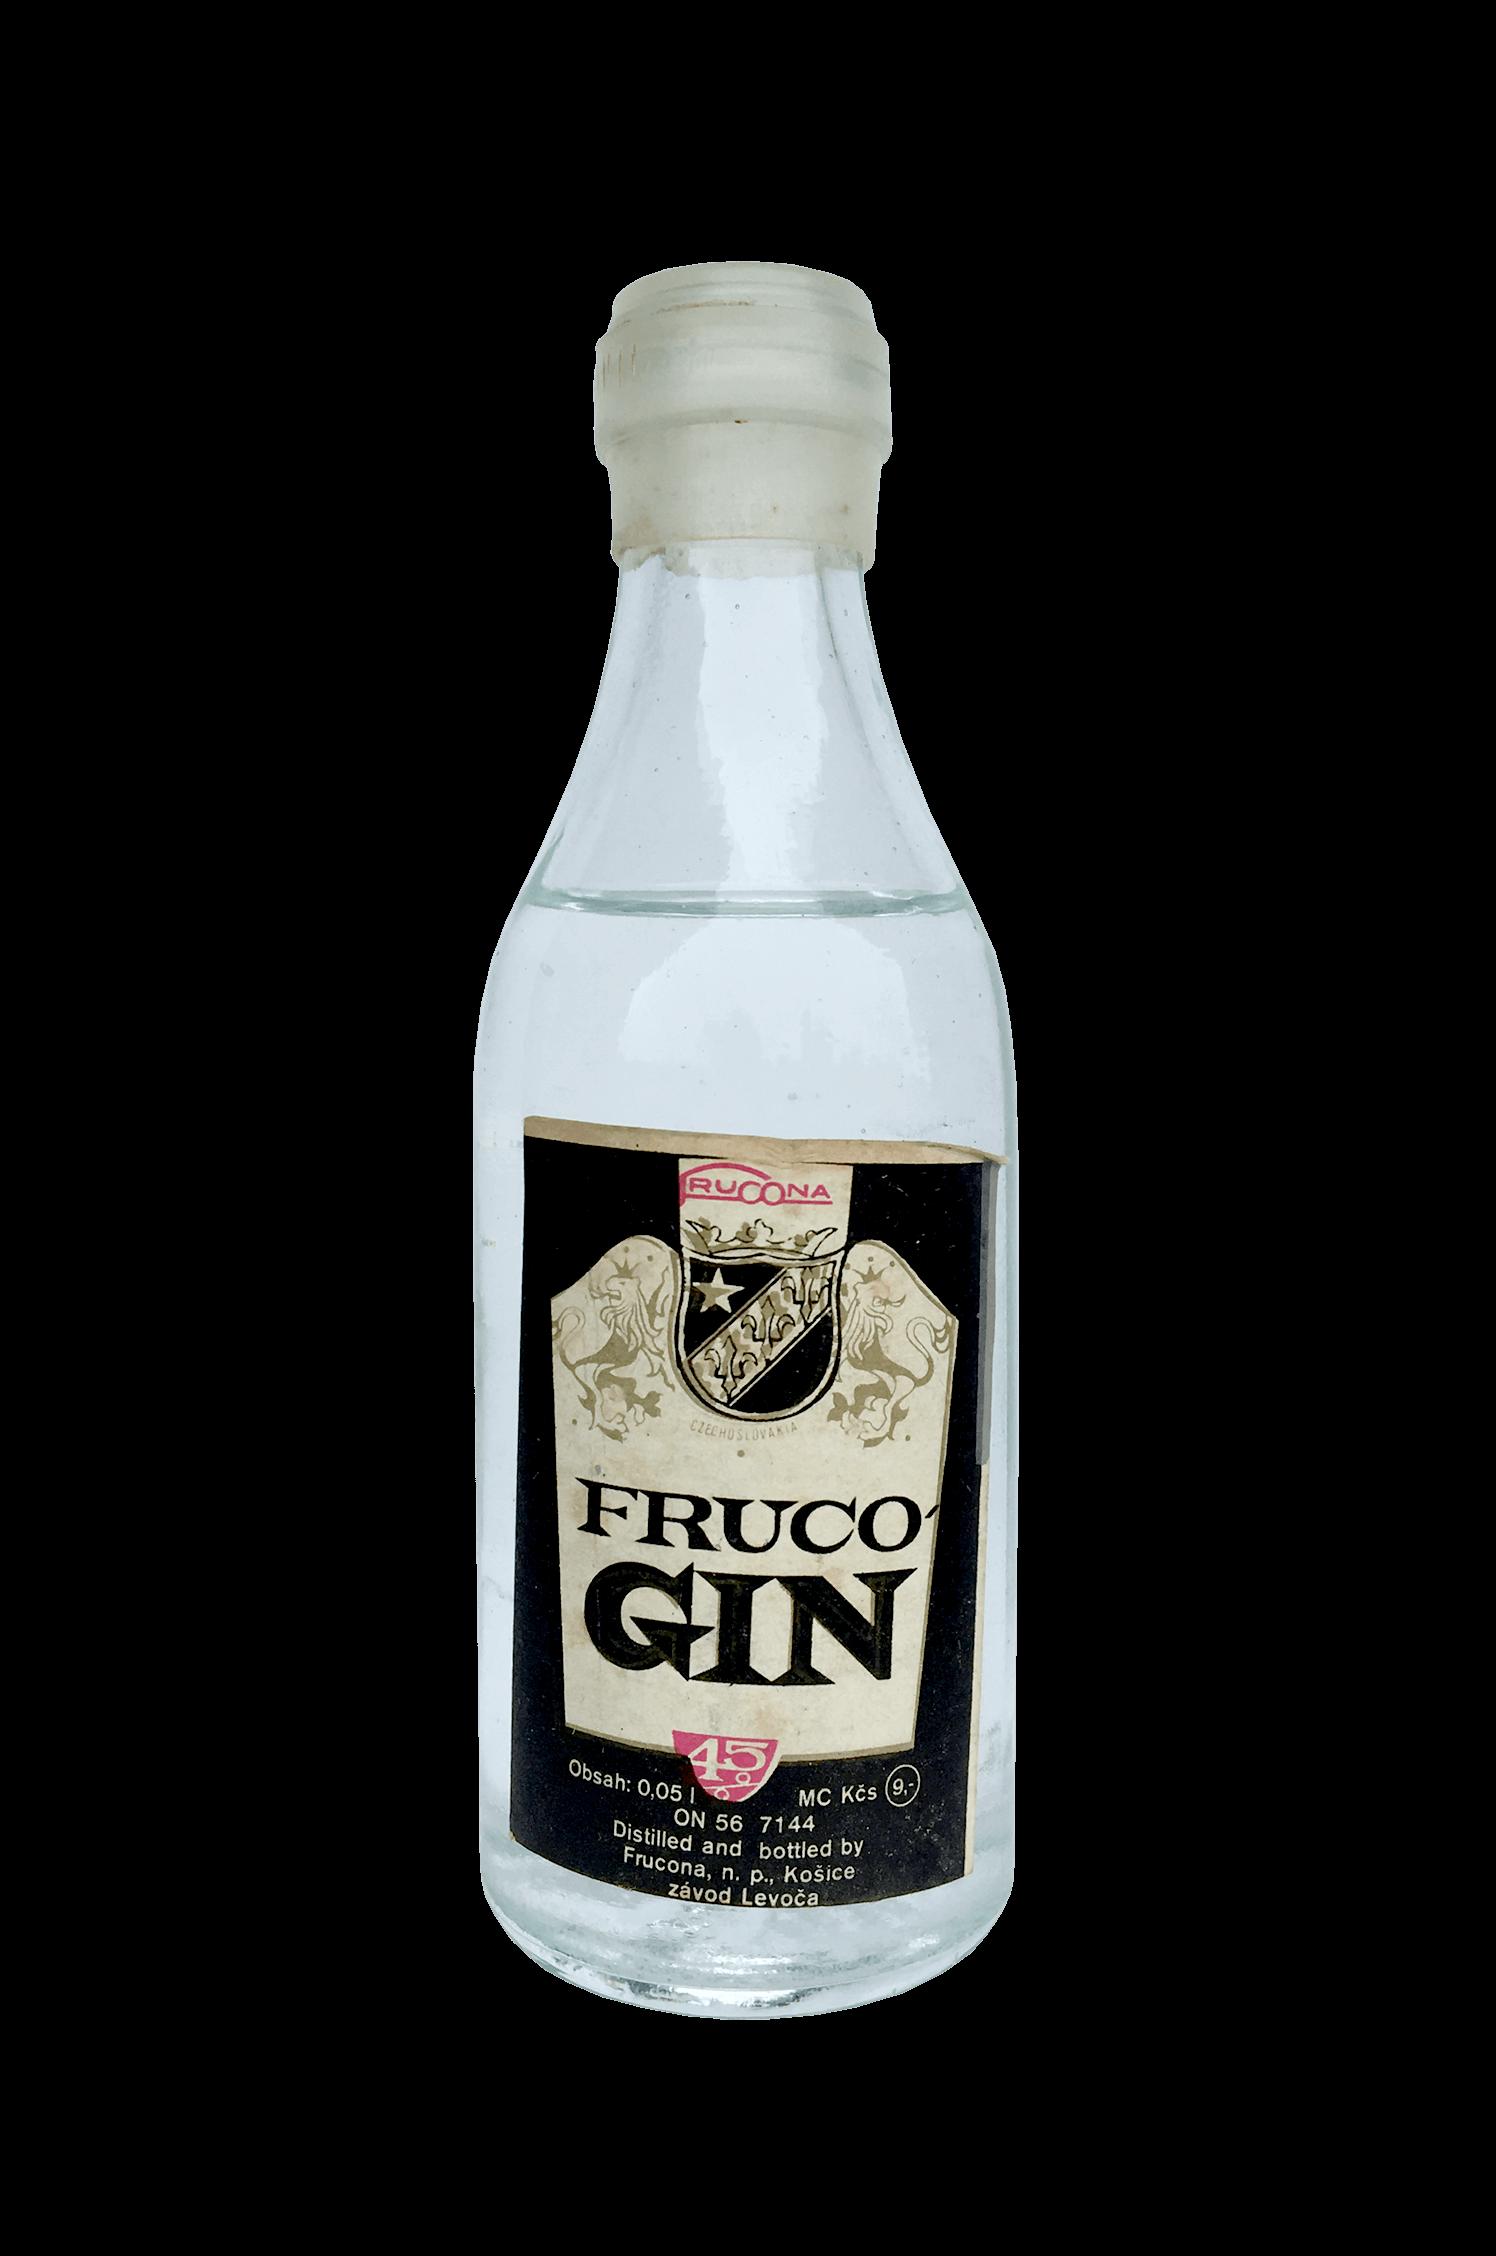 Fruko Gin